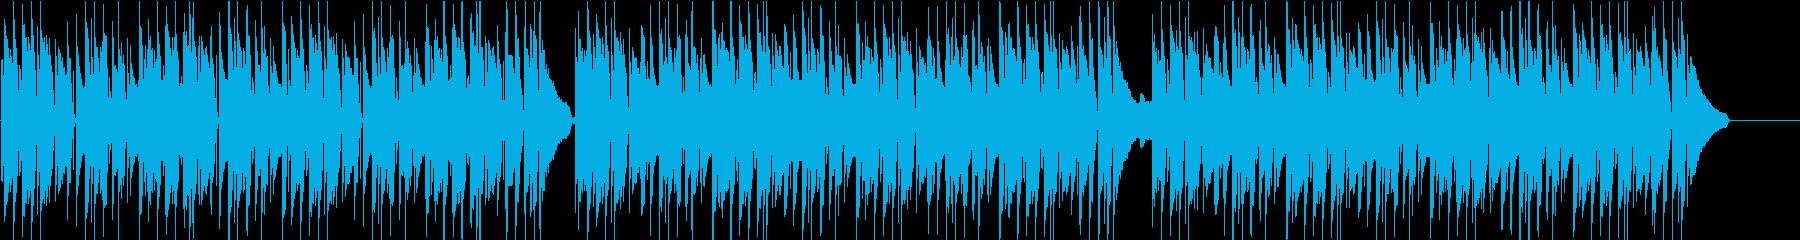 料理・子供・ペット・ほのぼのピアノの再生済みの波形